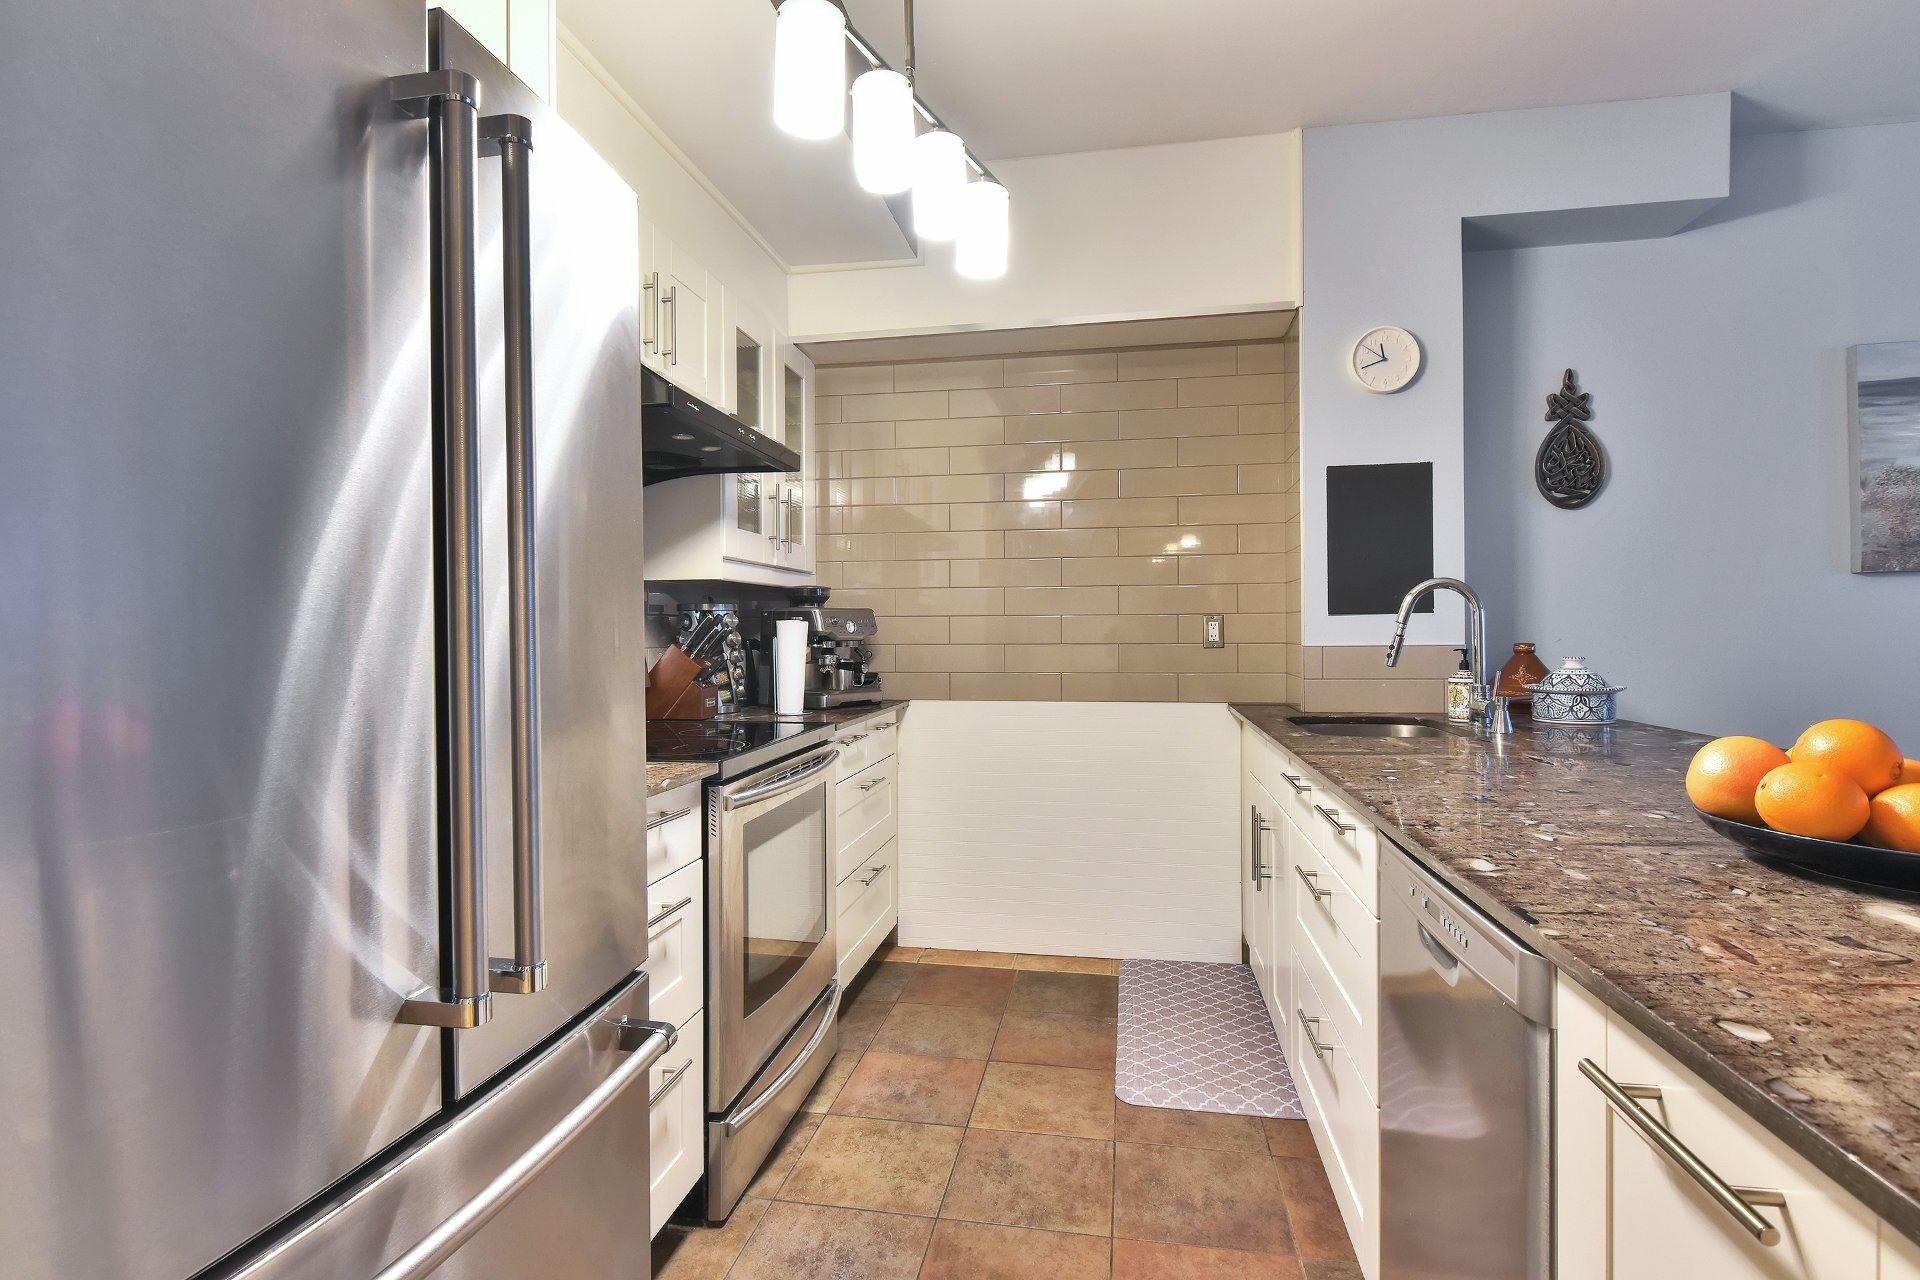 image 7 - Appartement À vendre Ville-Marie Montréal  - 9 pièces